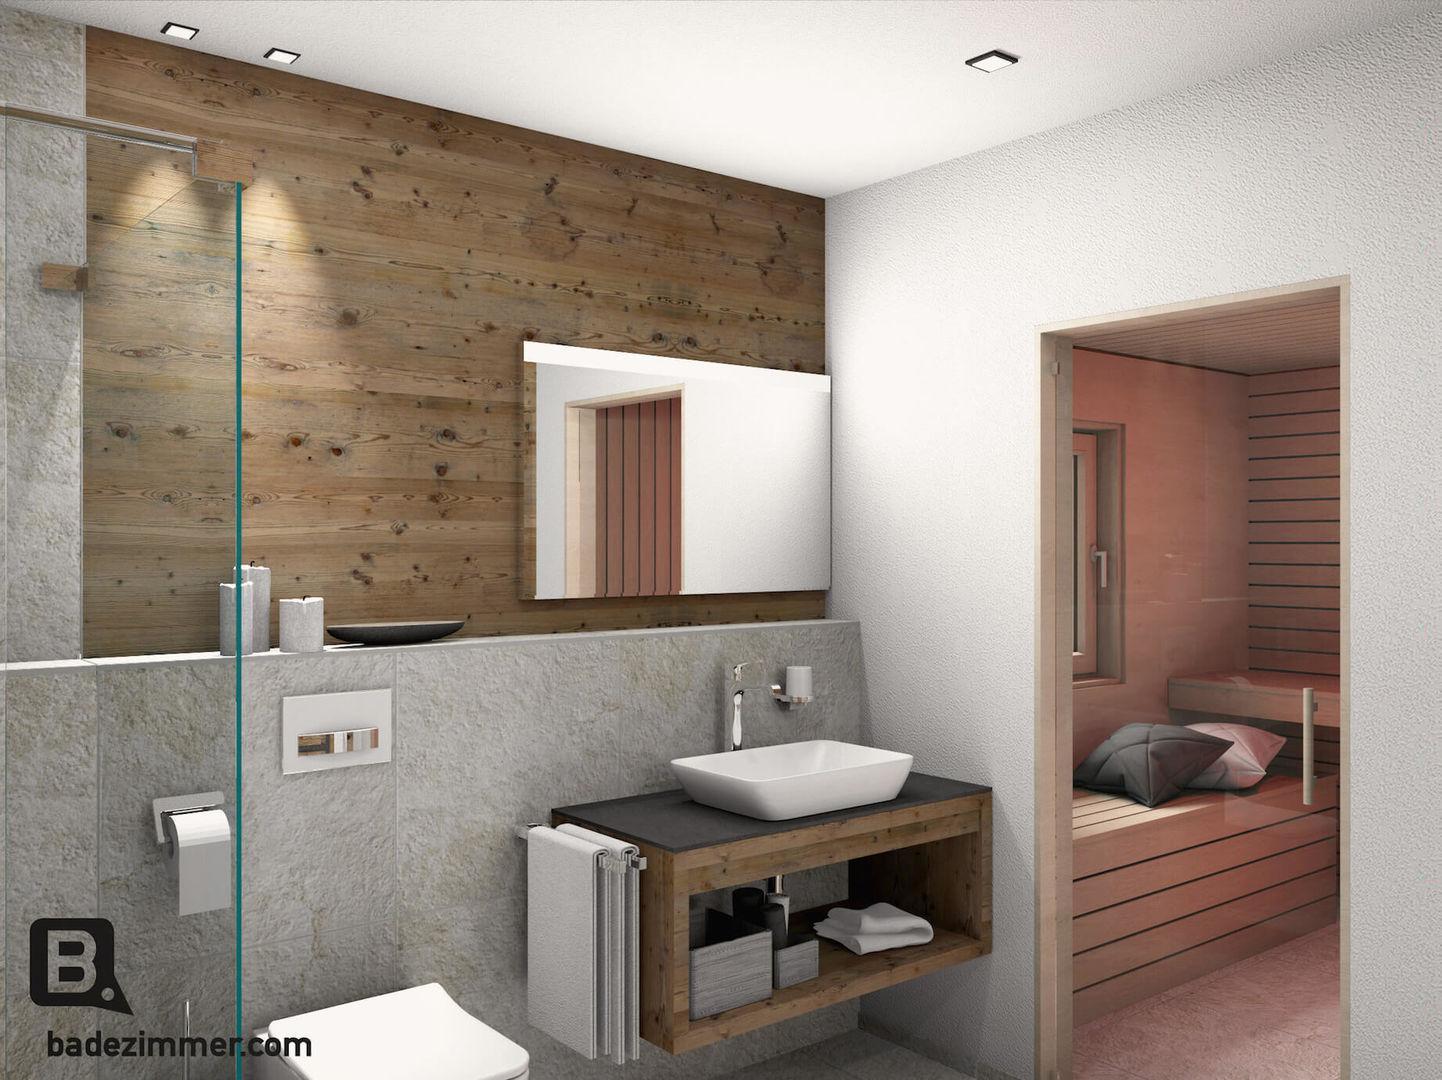 idyllisches bad im golf chalet. Black Bedroom Furniture Sets. Home Design Ideas